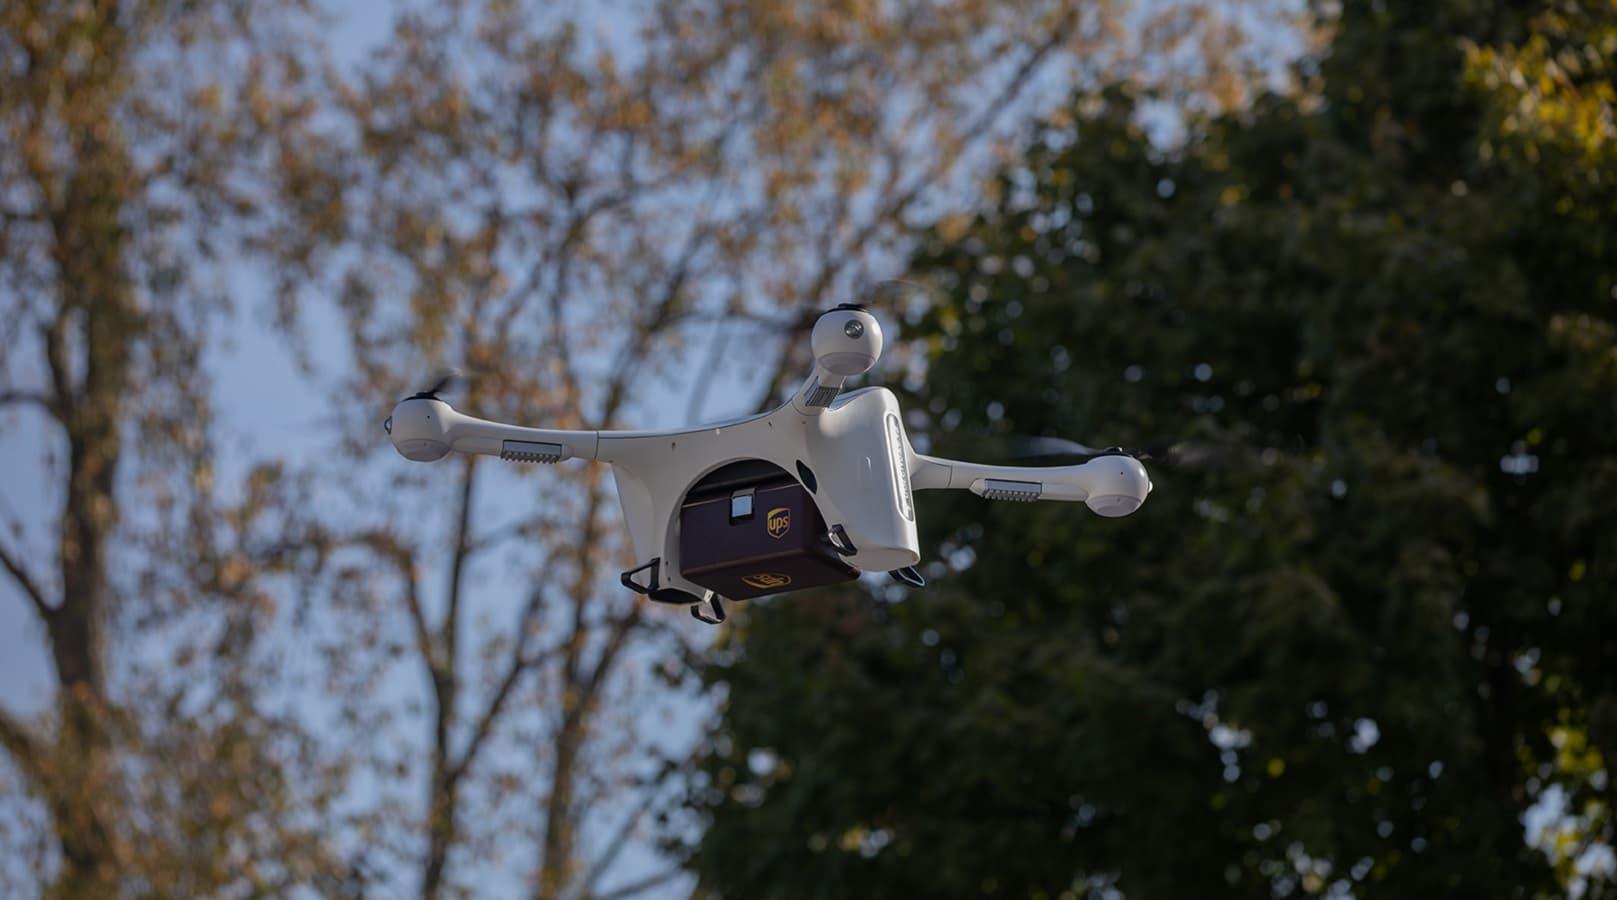 ups drone in flight